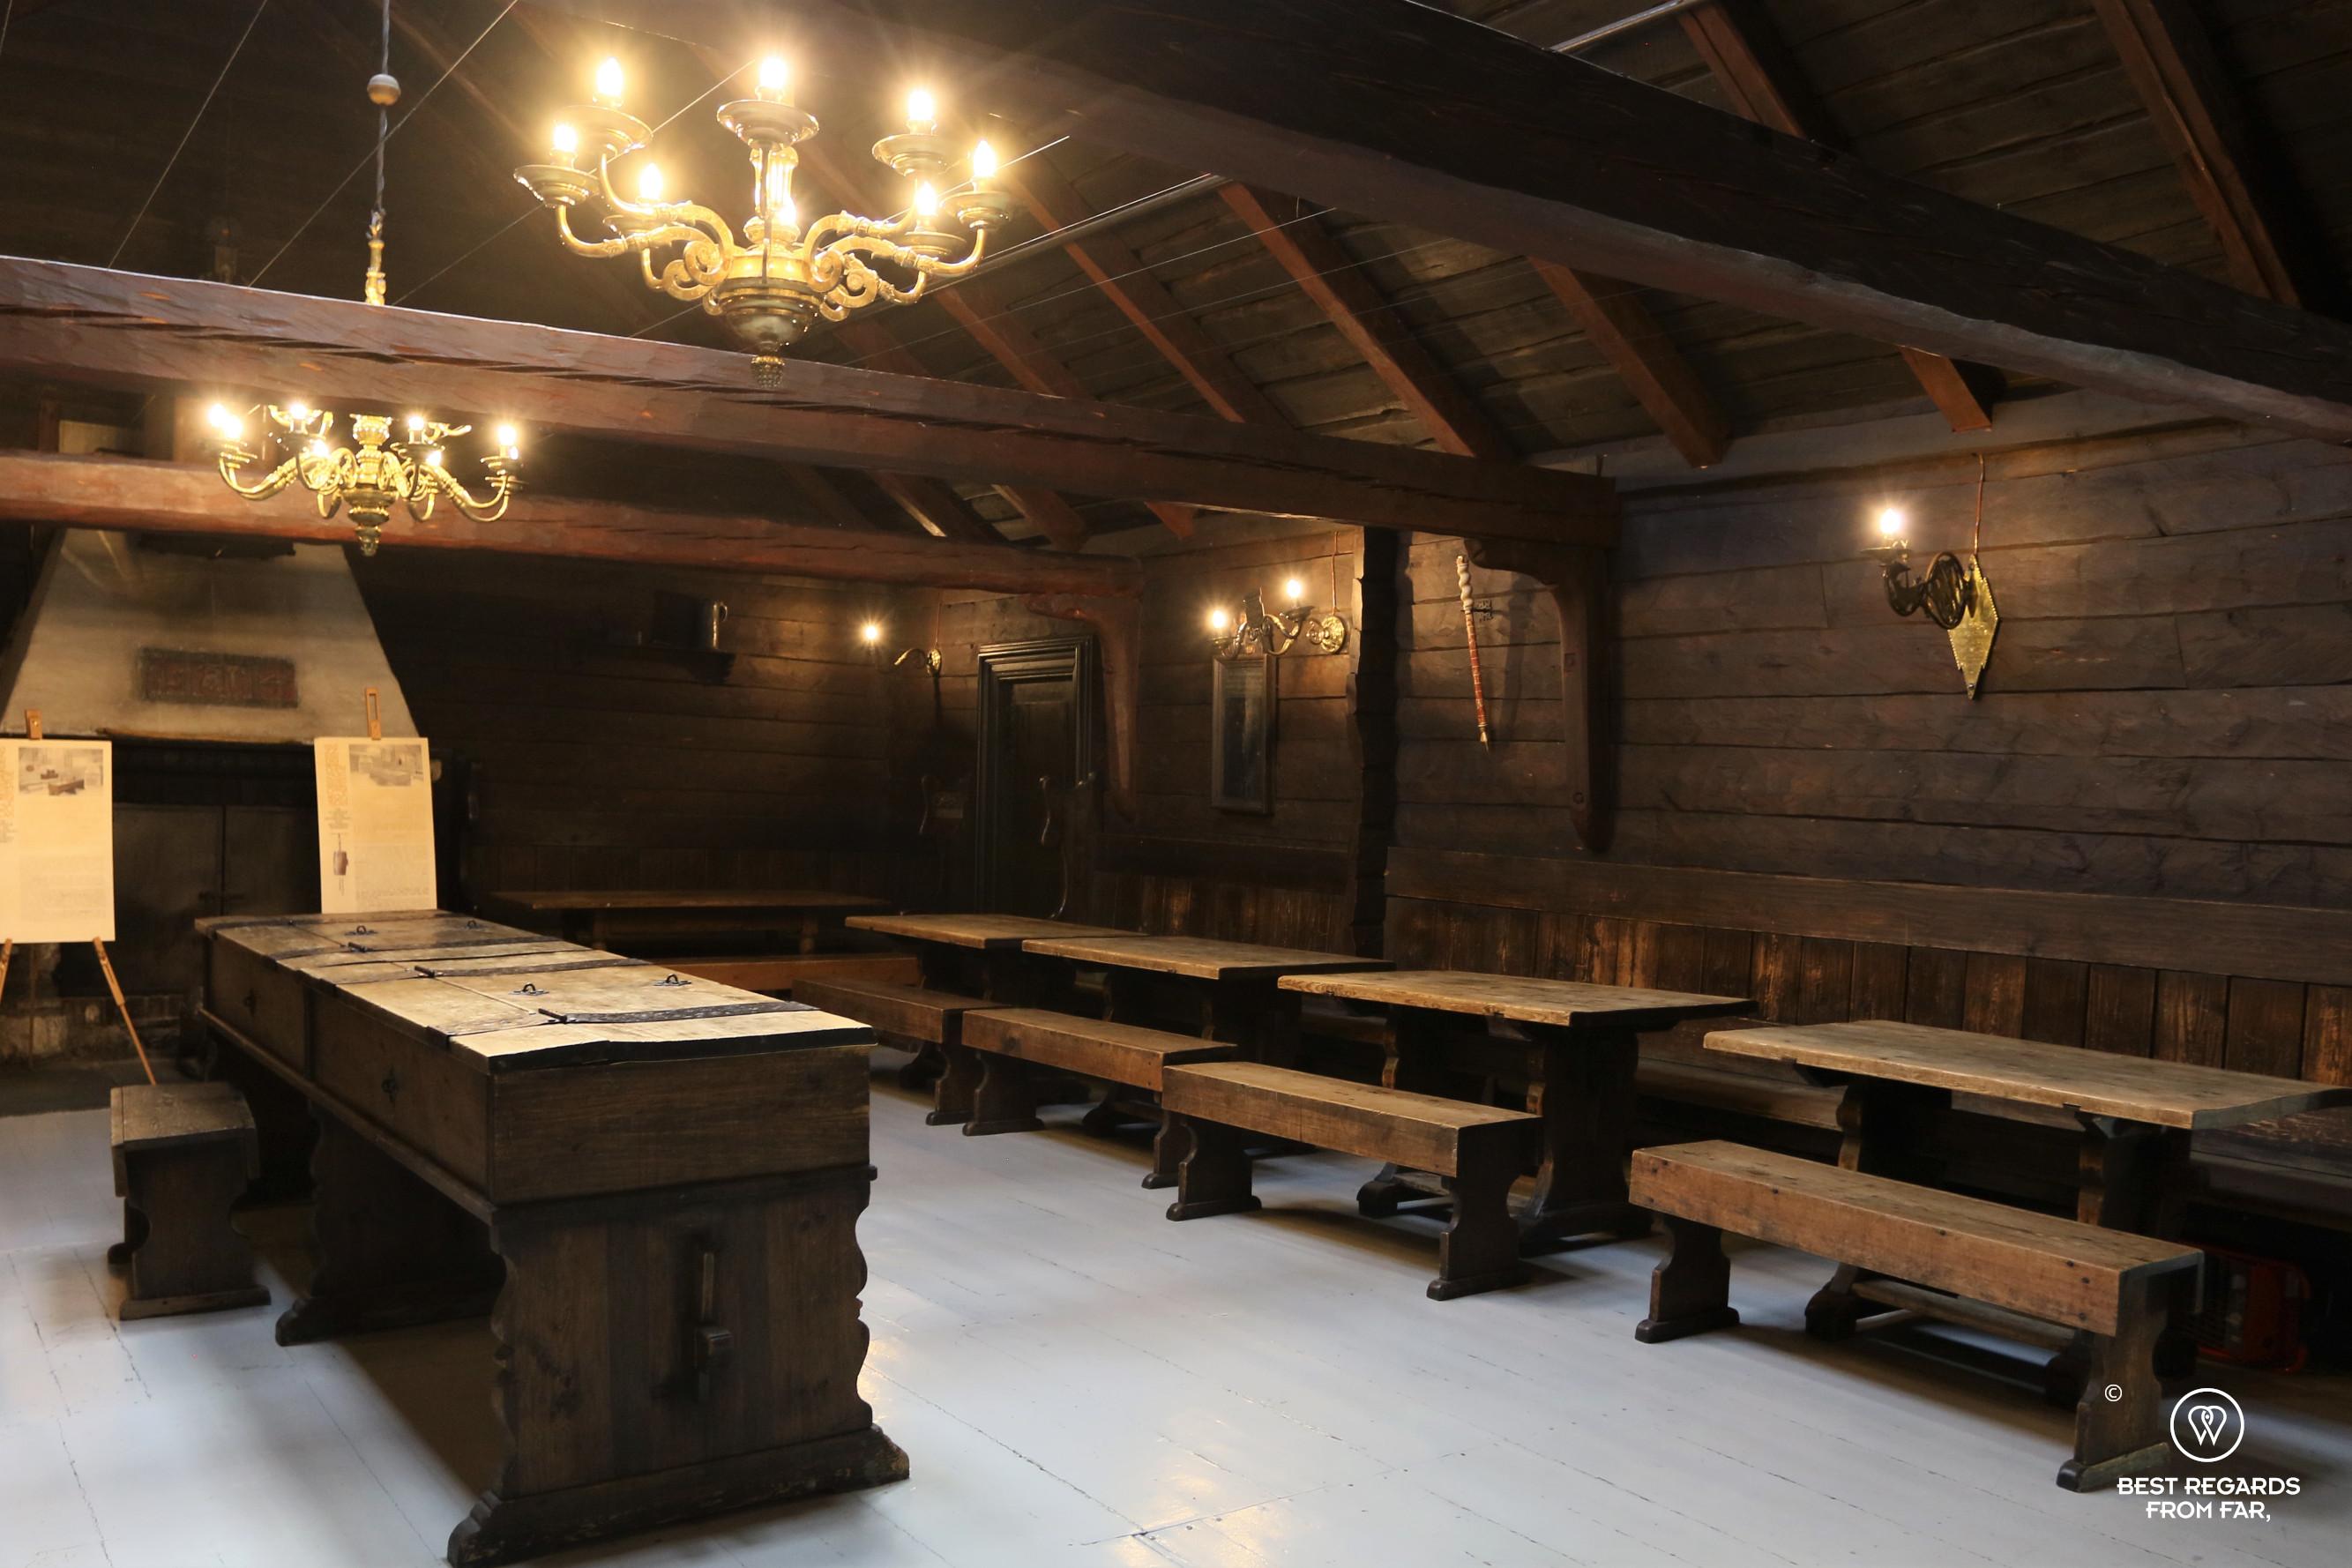 The Schotstuene hanseatic museum, Bryggen, Bergen